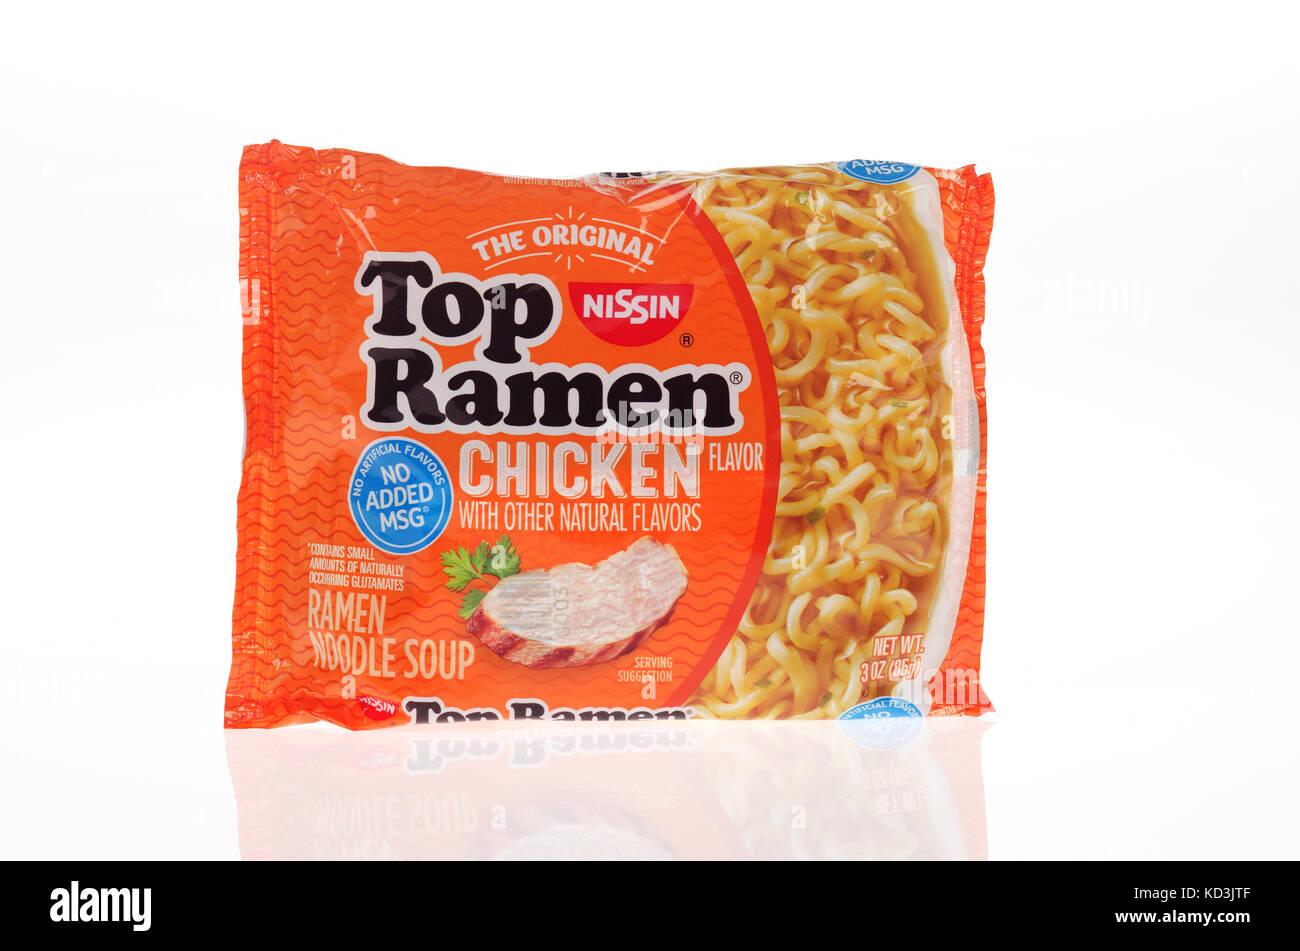 Nissin d'origine non ouvert Soupe aux nouilles ramen Haut en saveur de poulet avec de nouveaux emballages sans Photo Stock